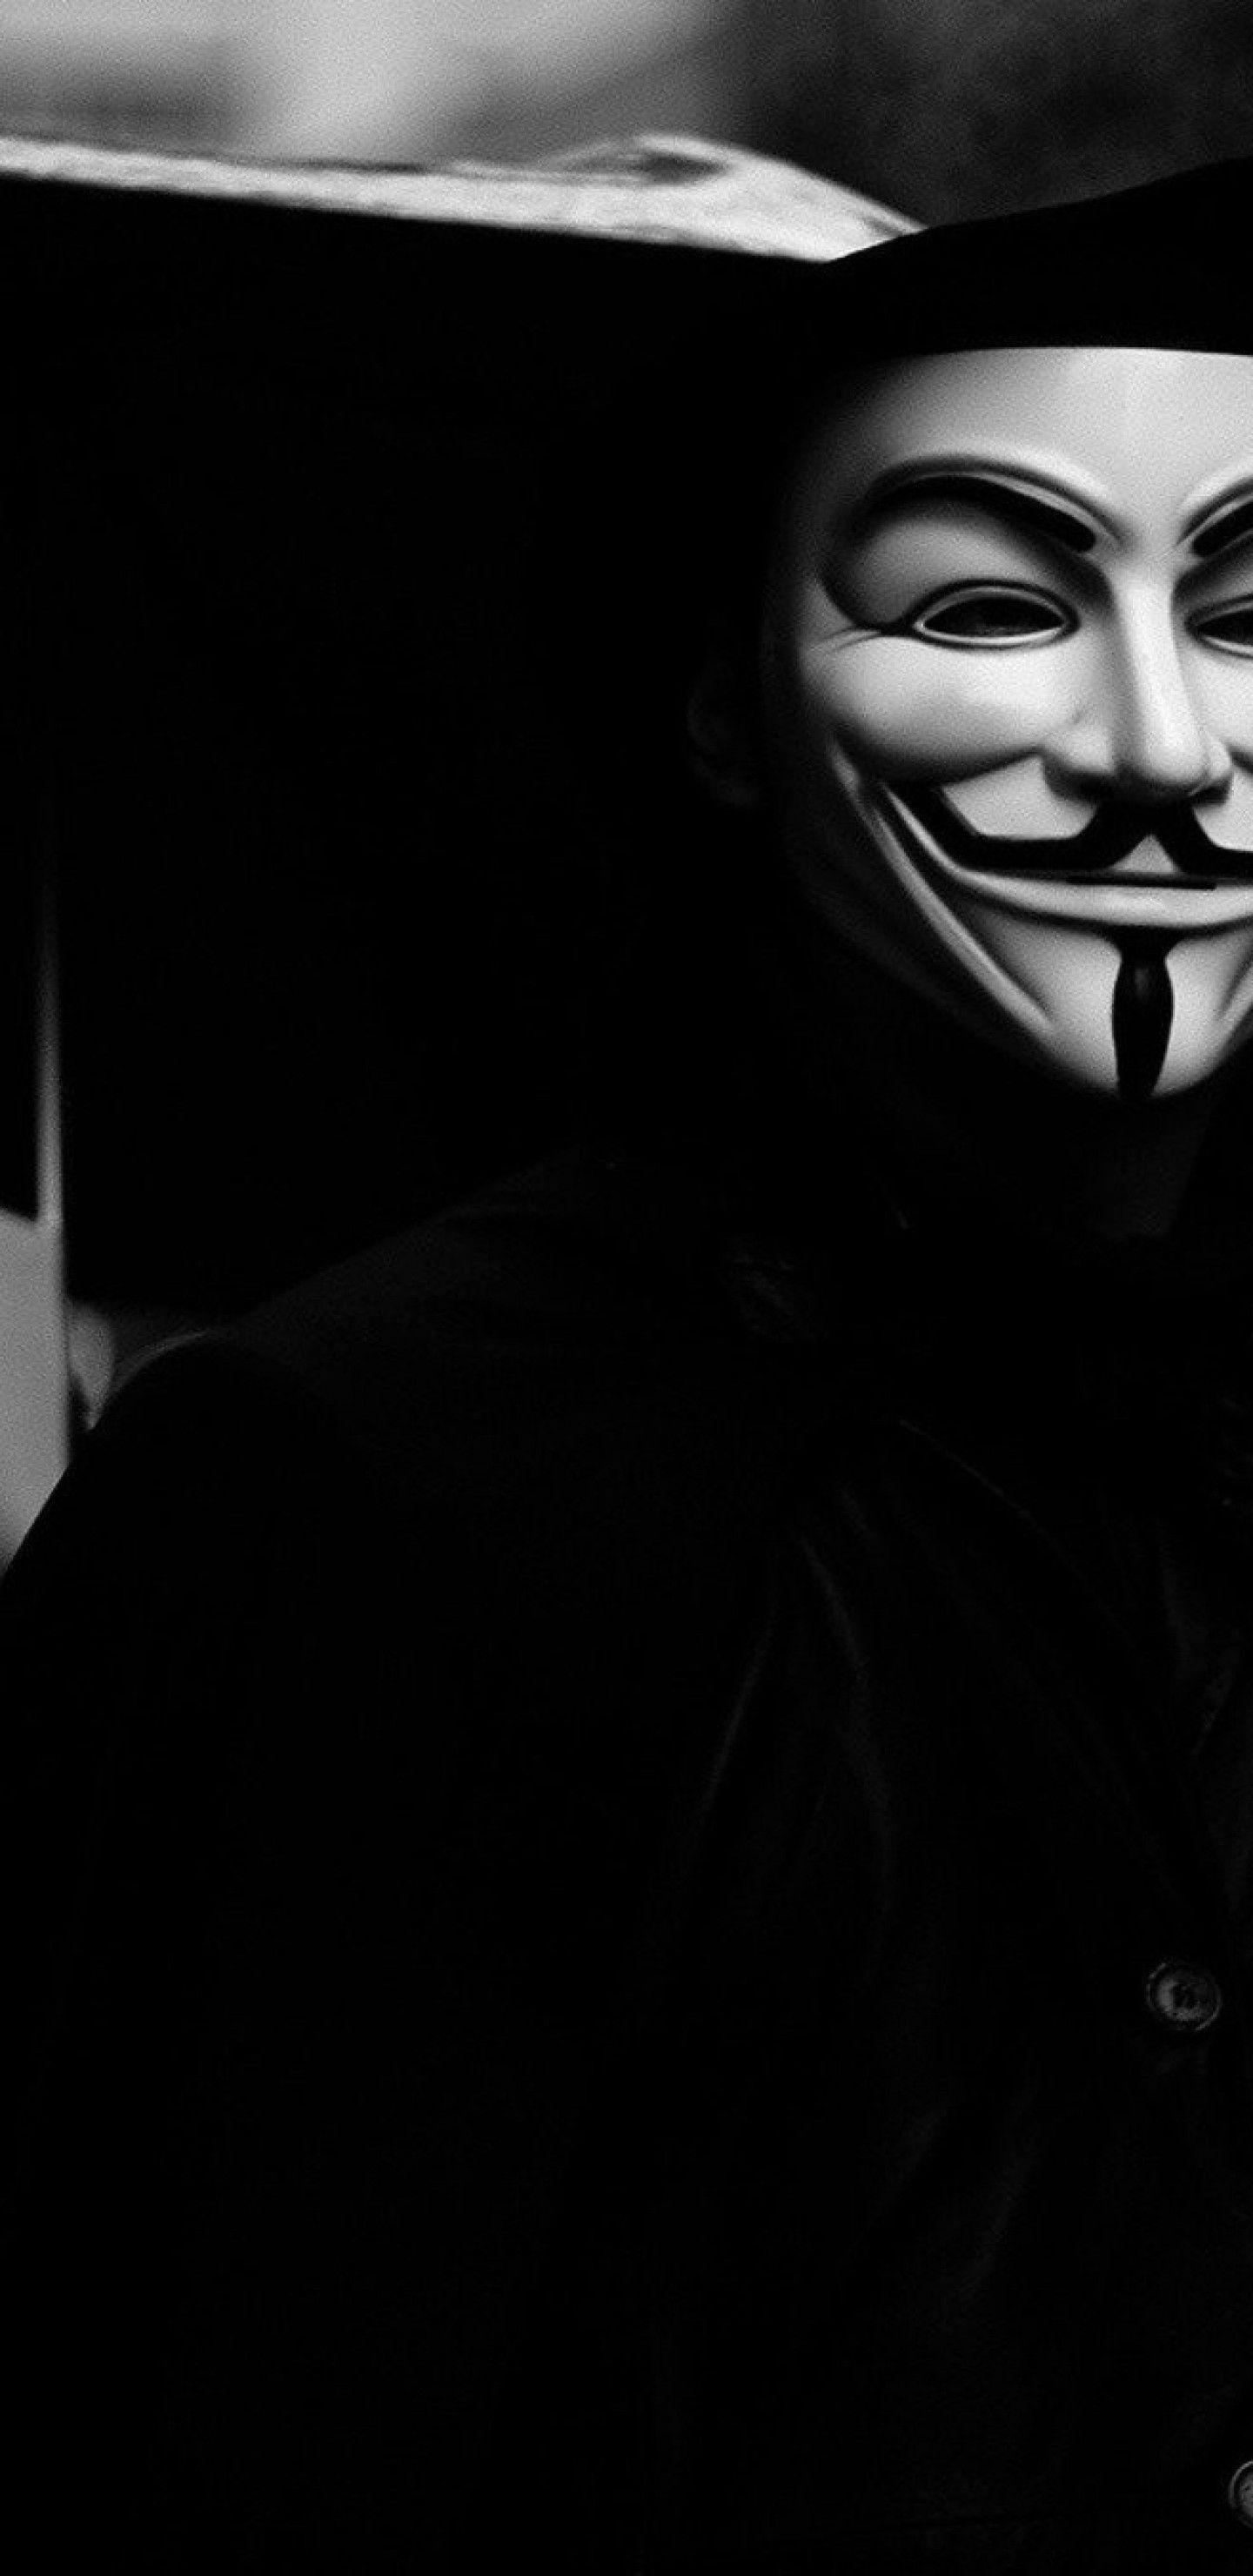 V For Vendetta Mask Wallpaper الصور Joansmurder Info